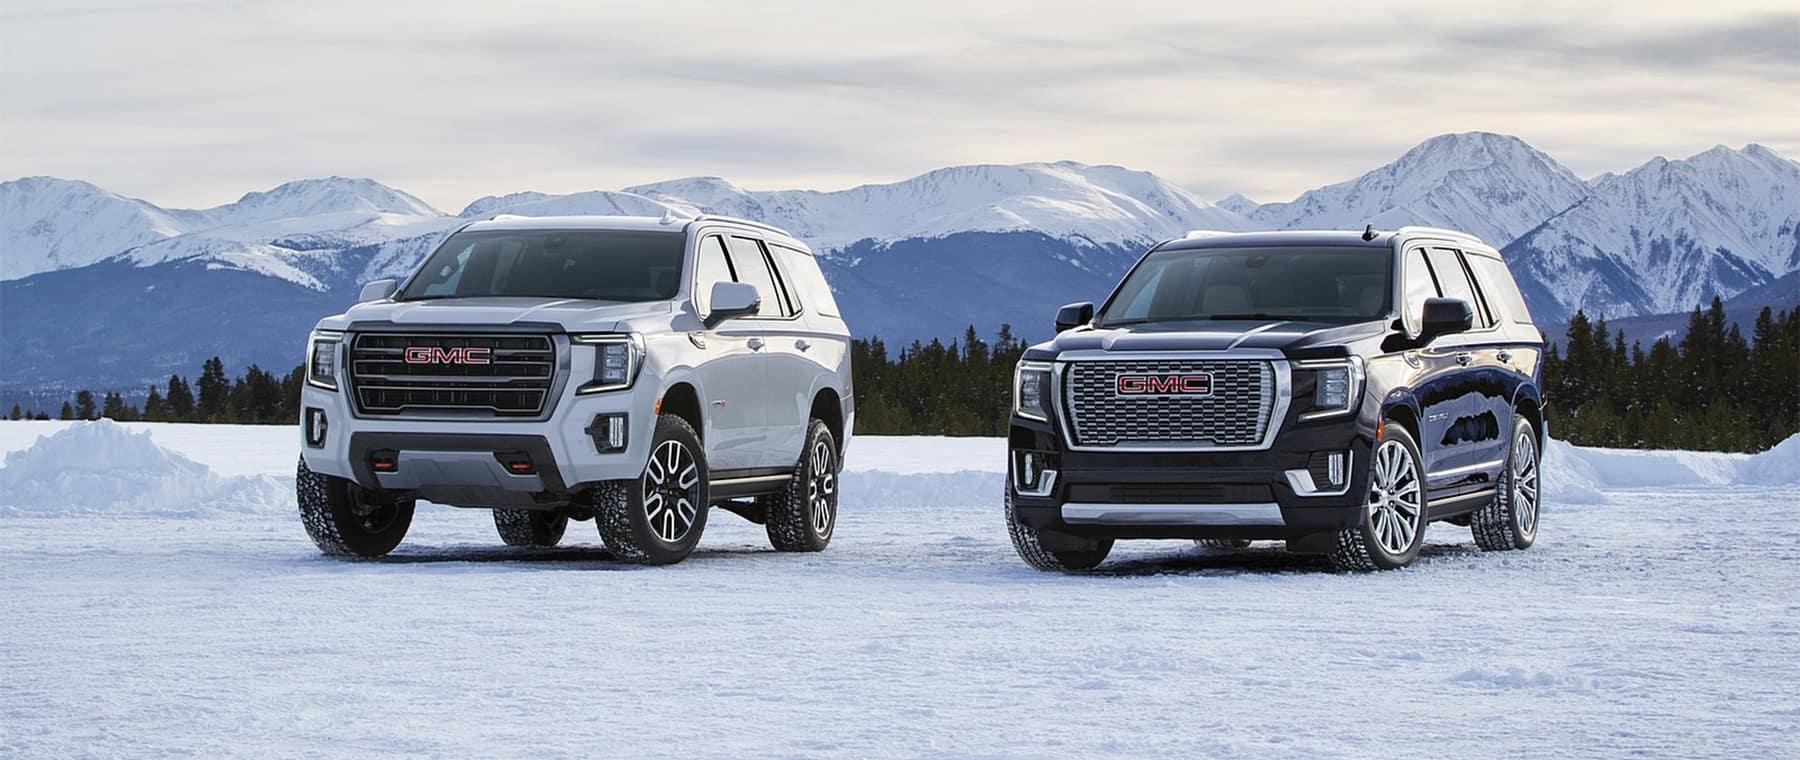 2021 GMC Yukon pair in front of mountain range